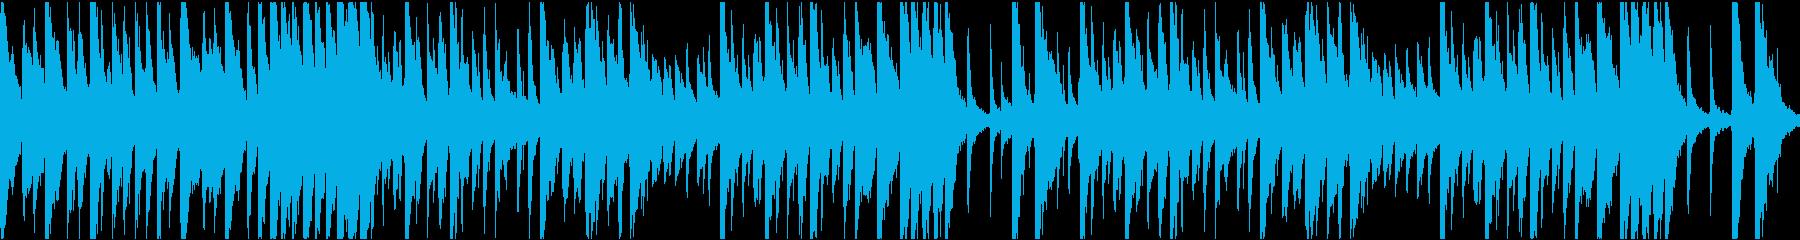 10秒でサビ、クラシックコミカル/ループの再生済みの波形